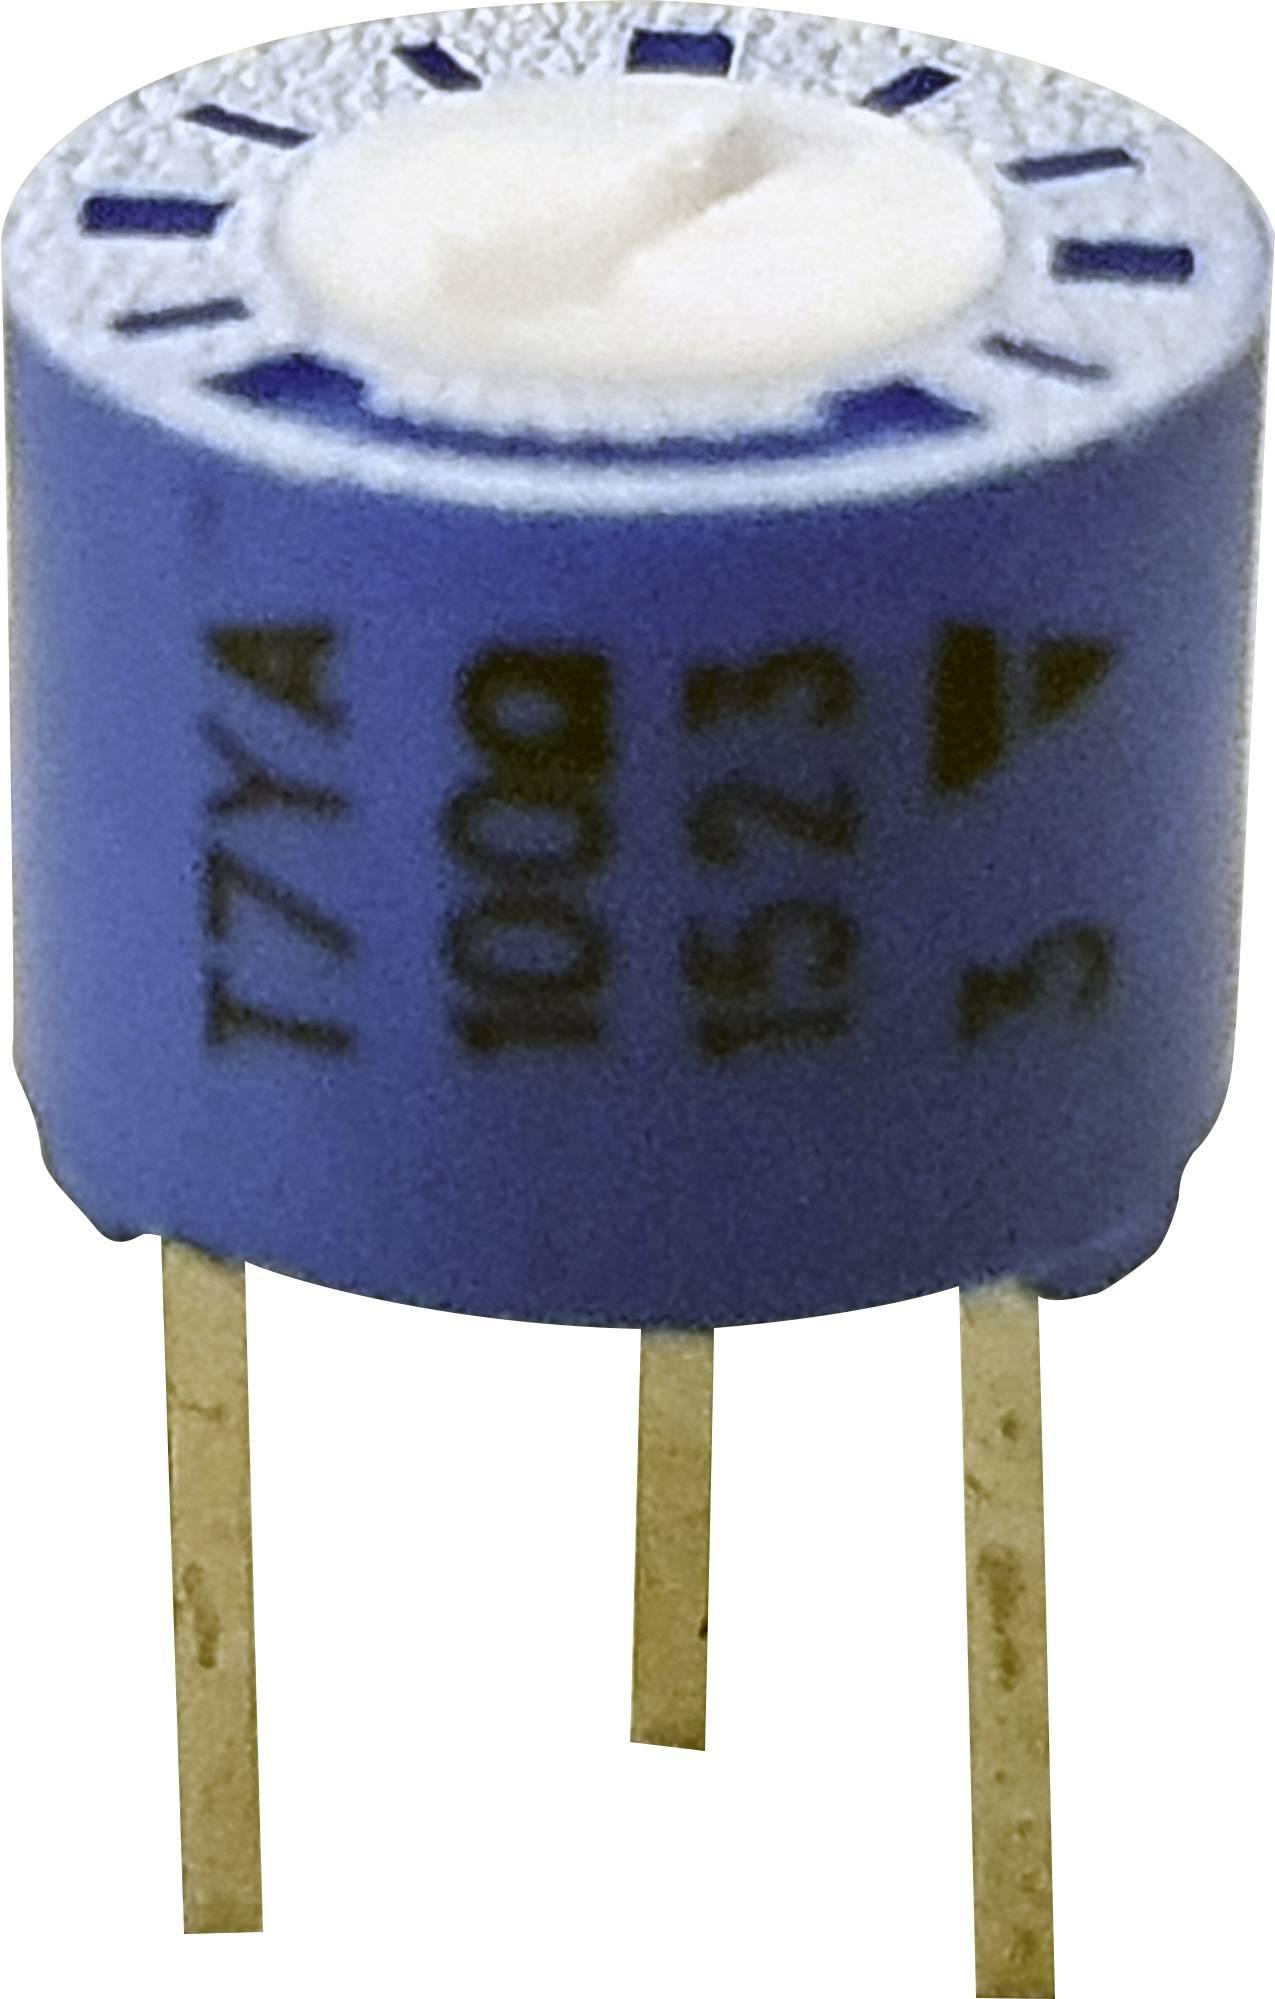 Trimr 50 kΩ